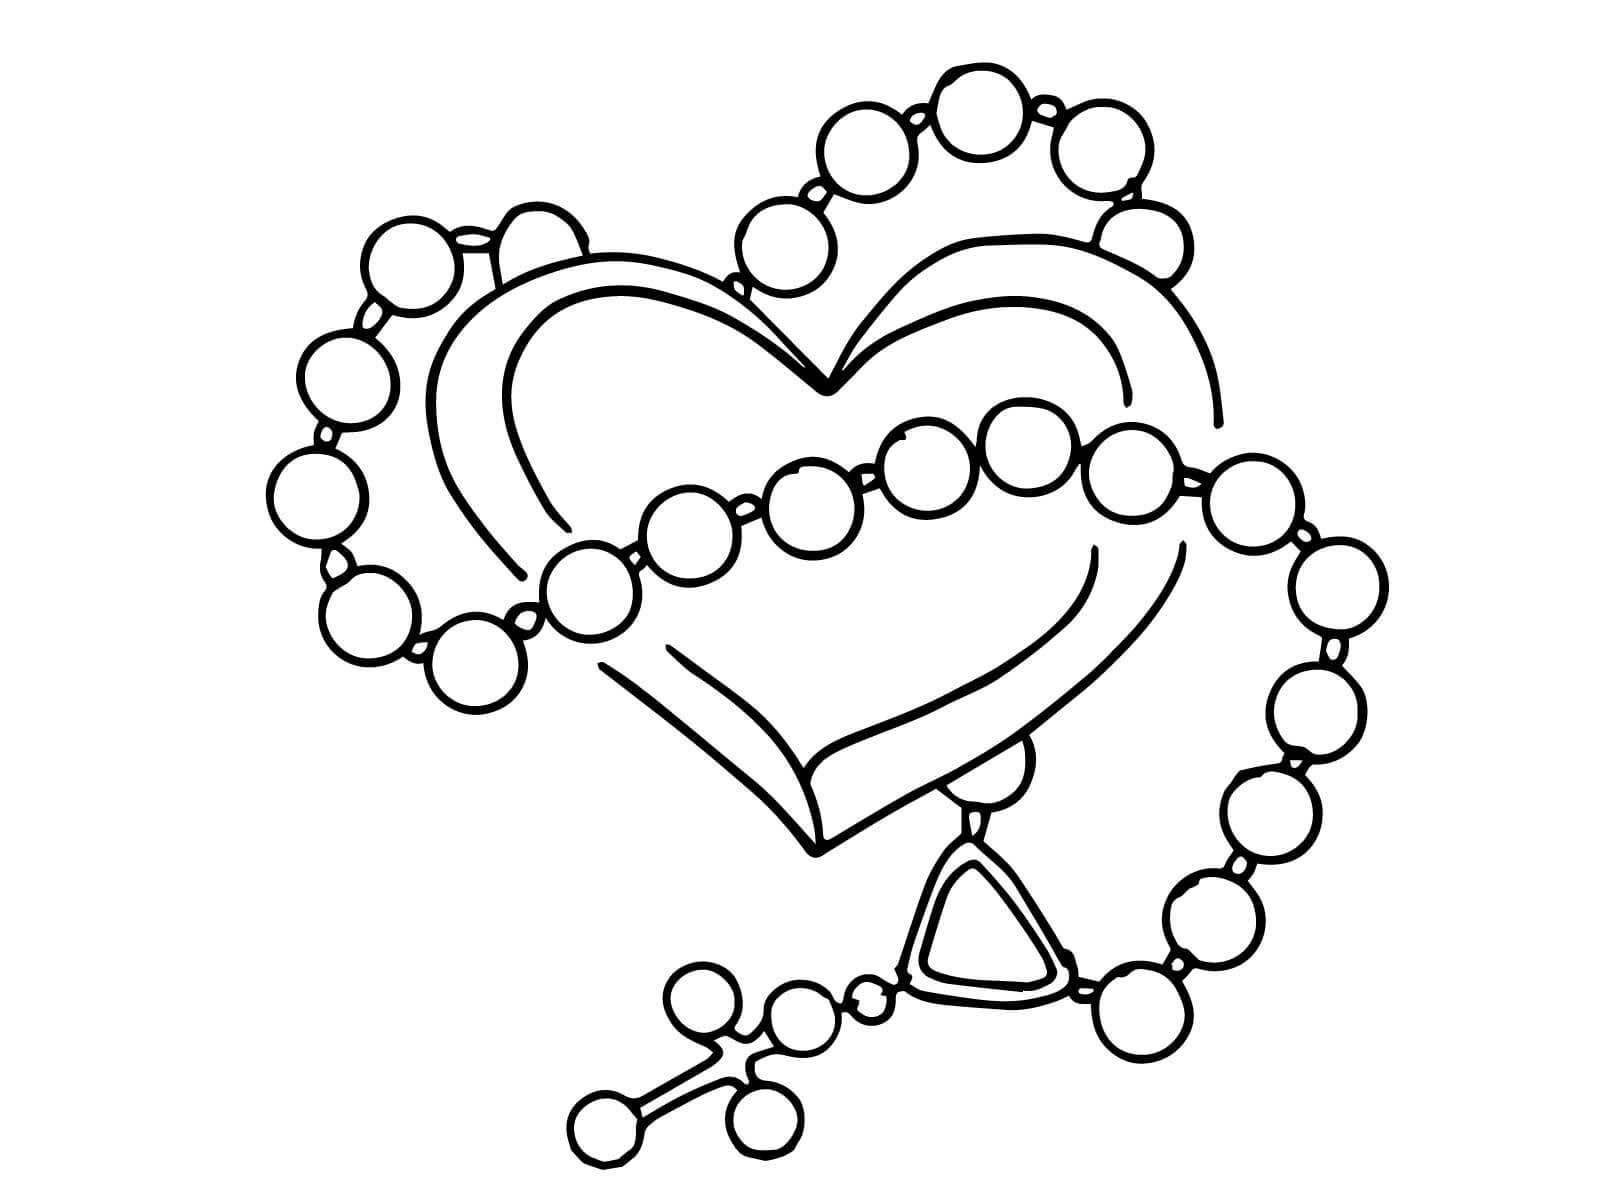 Desenho De Terço E Coração Para Colorir